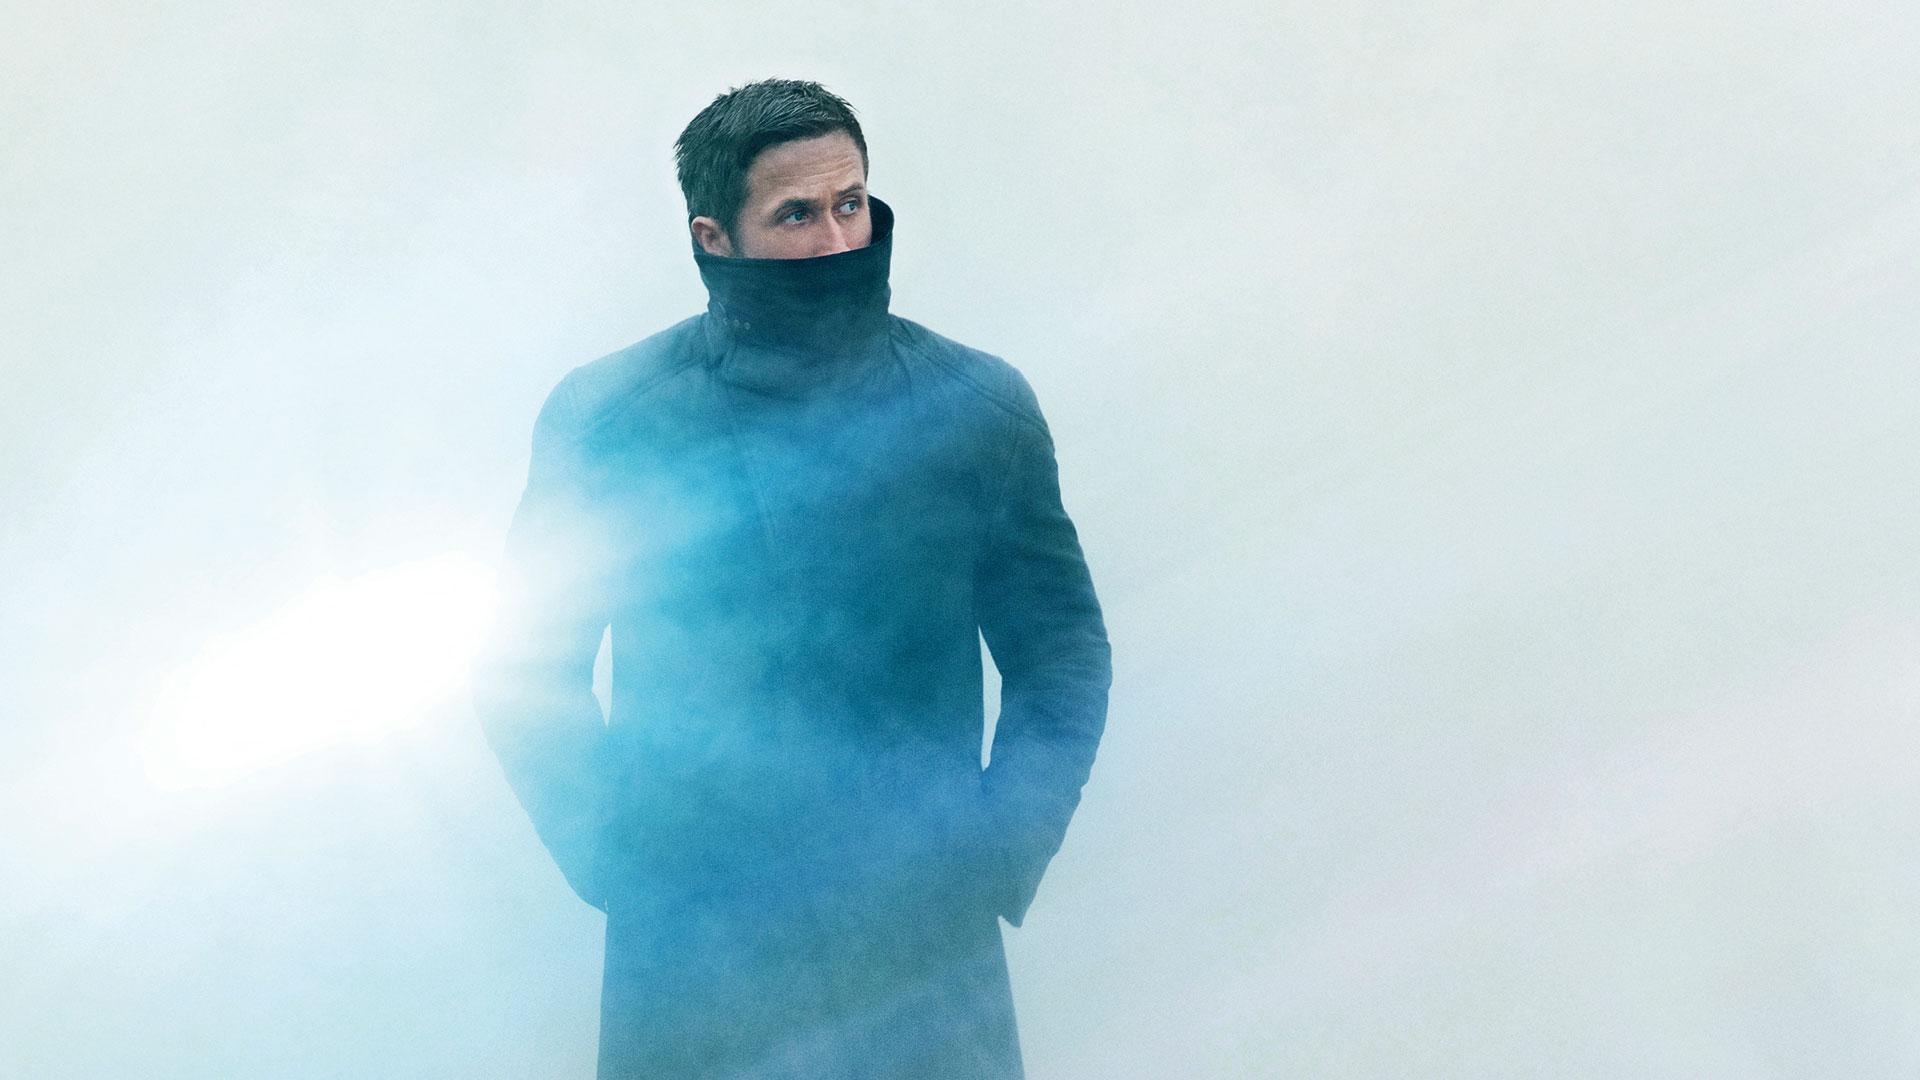 95ec6bc20 Inside look at 'Blade Runner 2049' - CNN Style